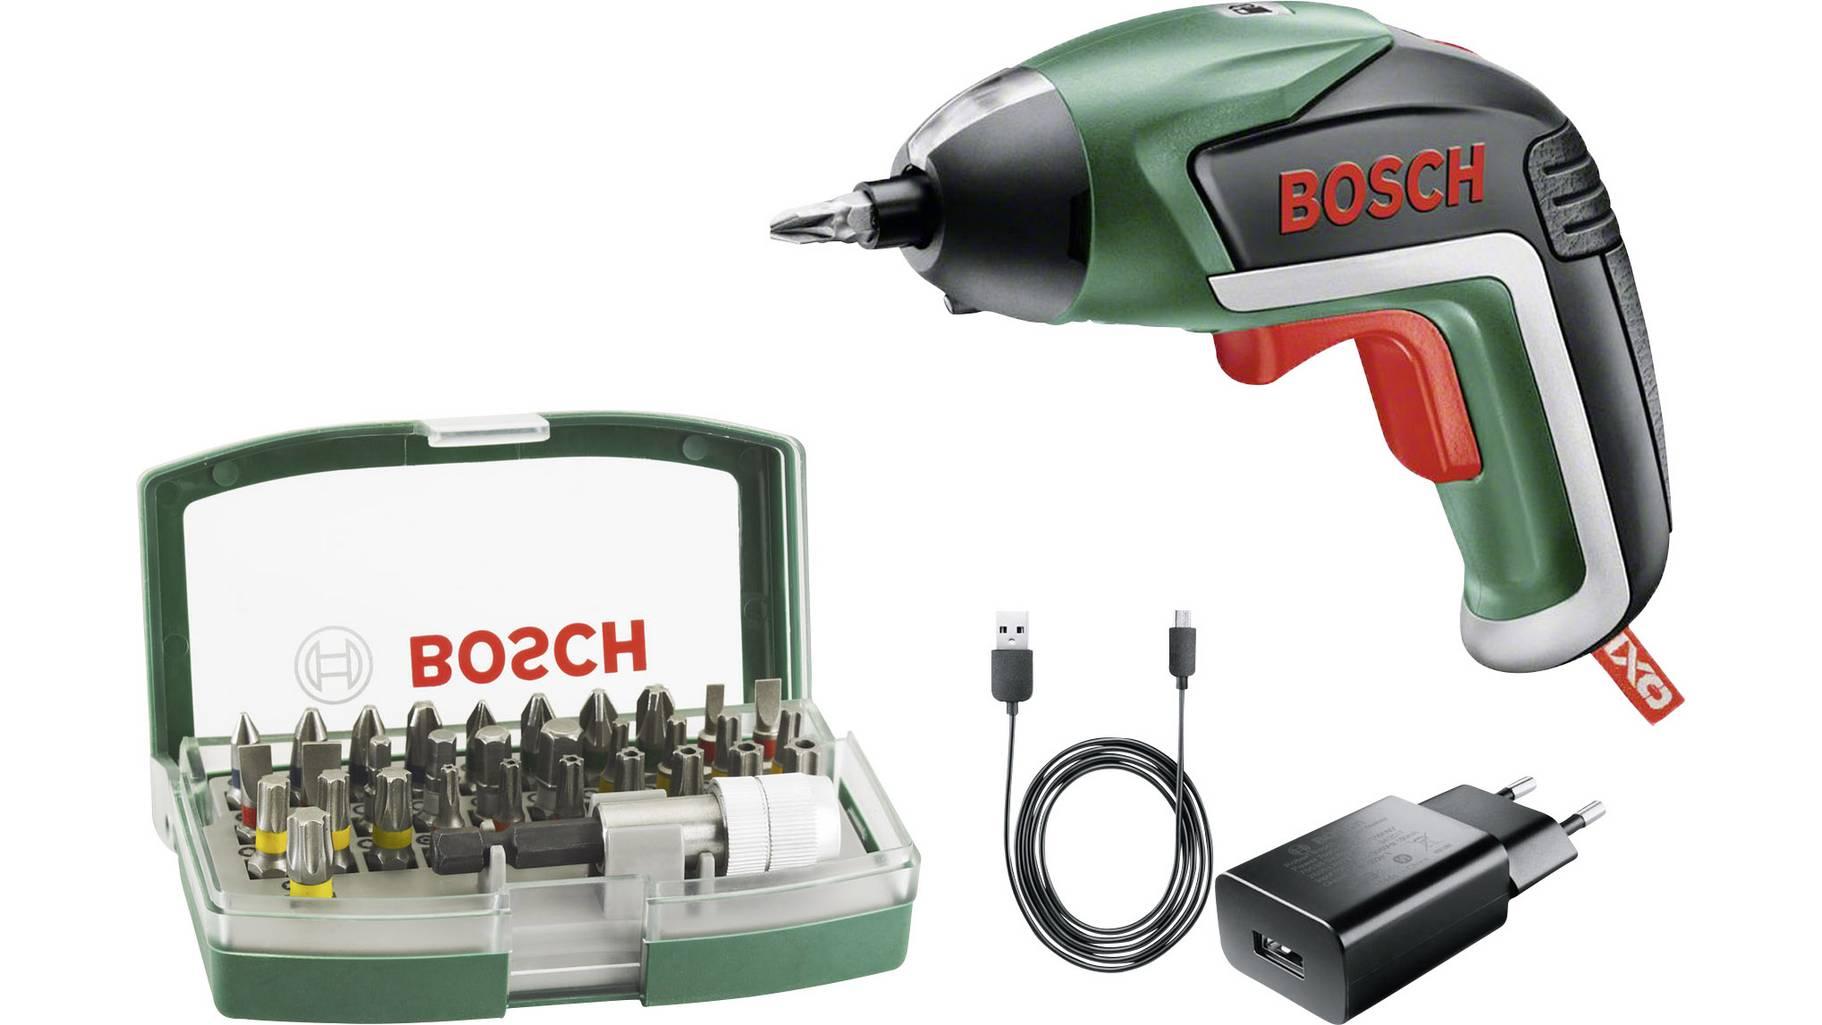 Bosch Home and Garden IXO V 06039A800S Akku-Schrauber 3.6V 1.5Ah Li-Ion inkl. Akku, inkl. Zubehör